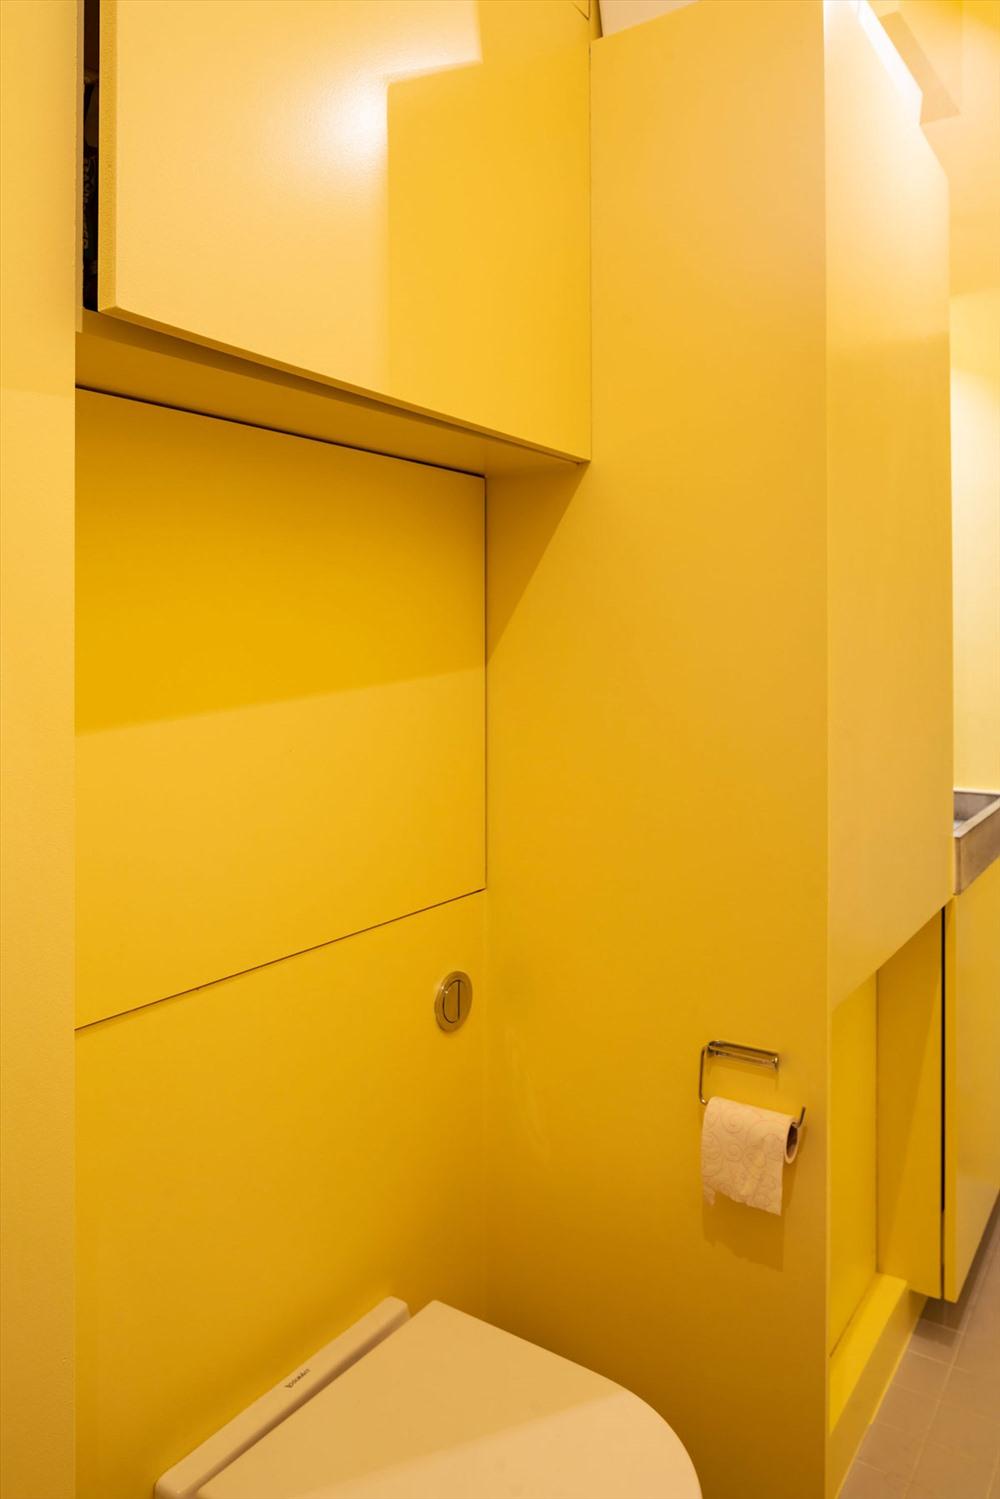 Màu vàng cũng được lựa chọn để trang trí nhà vệ sinh và nhà tắm hiện đại.